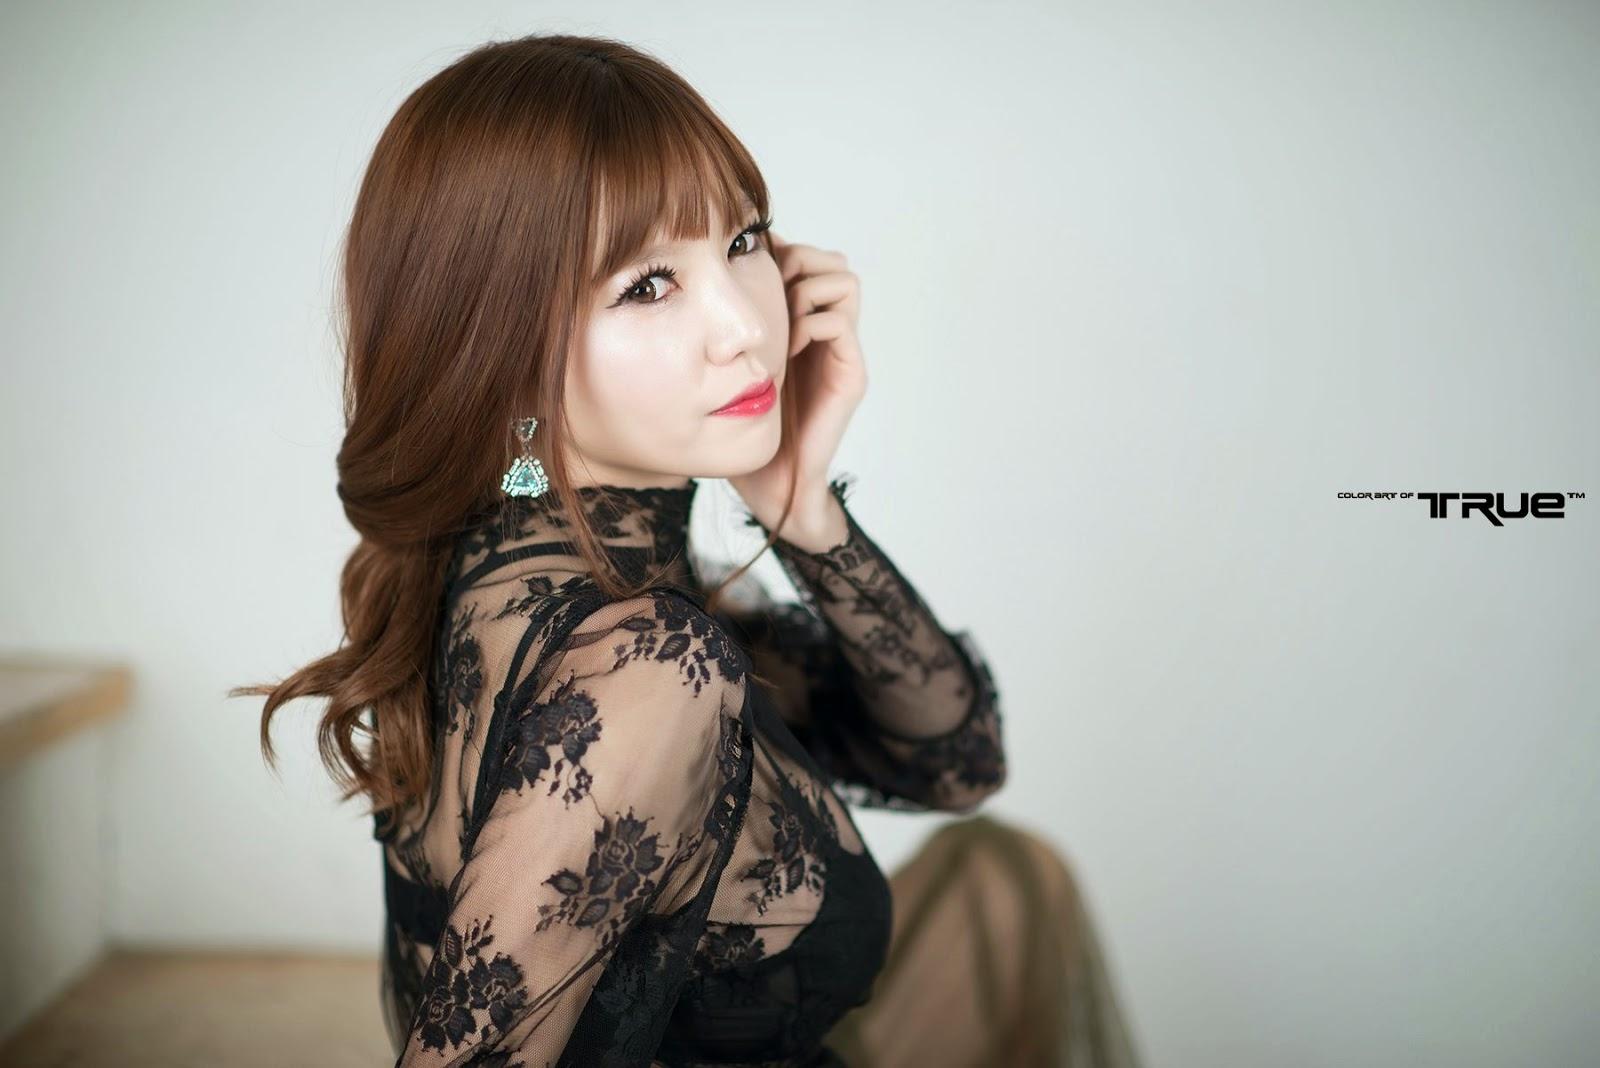 3 Han Min Young - Look Through My Window - very cute asian girl-girlcute4u.blogspot.com